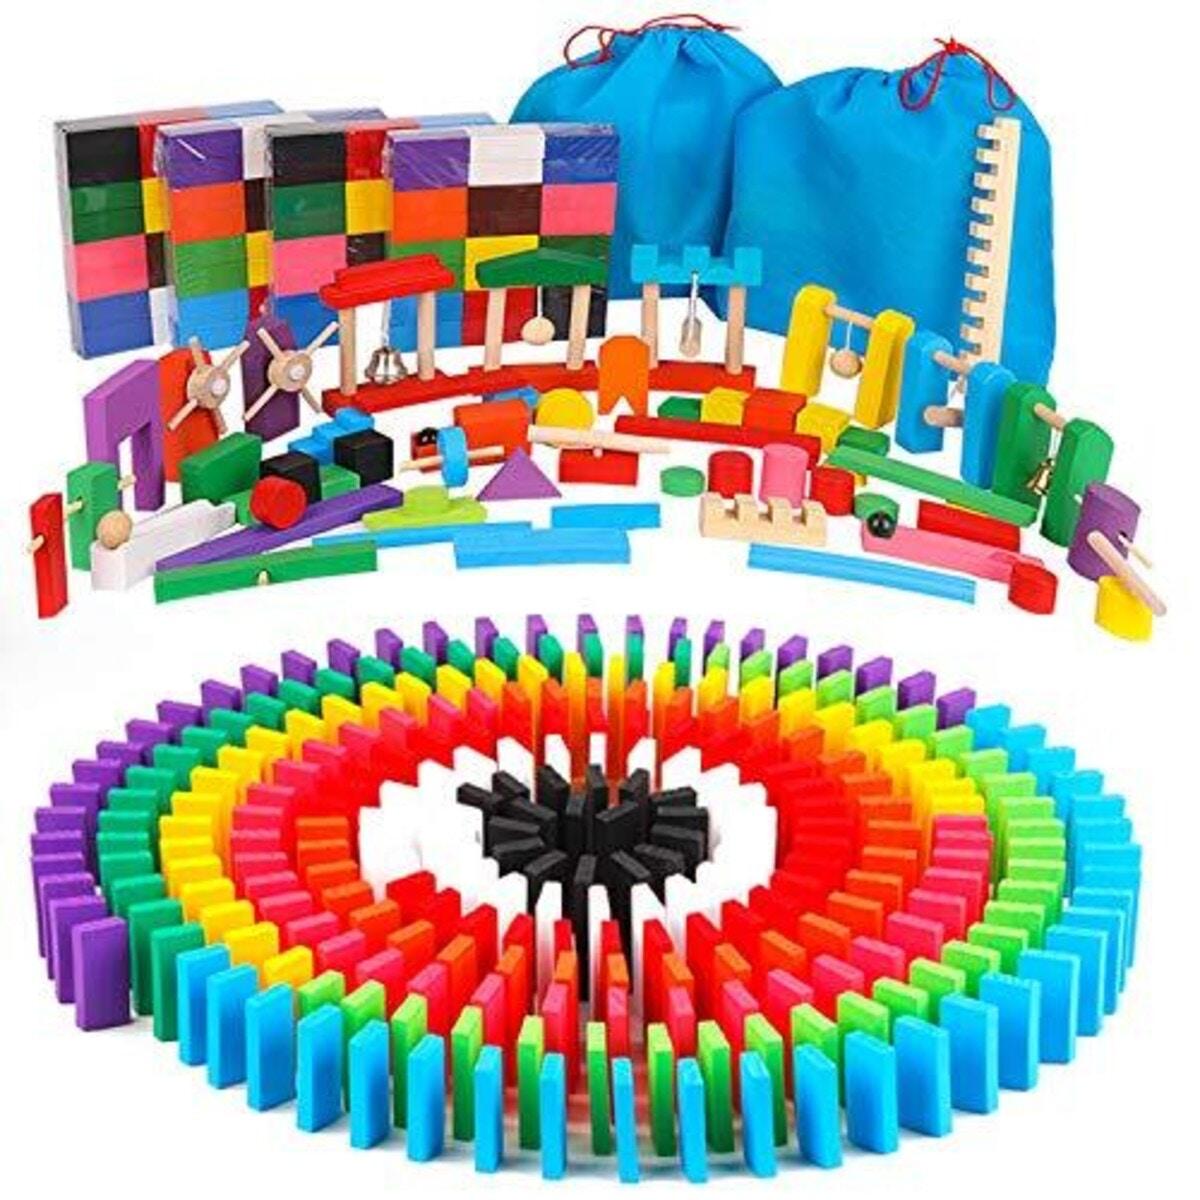 AISFA 積み木 ドミノ倒し 知育玩具480個 ギミック 仕掛け 43種セット